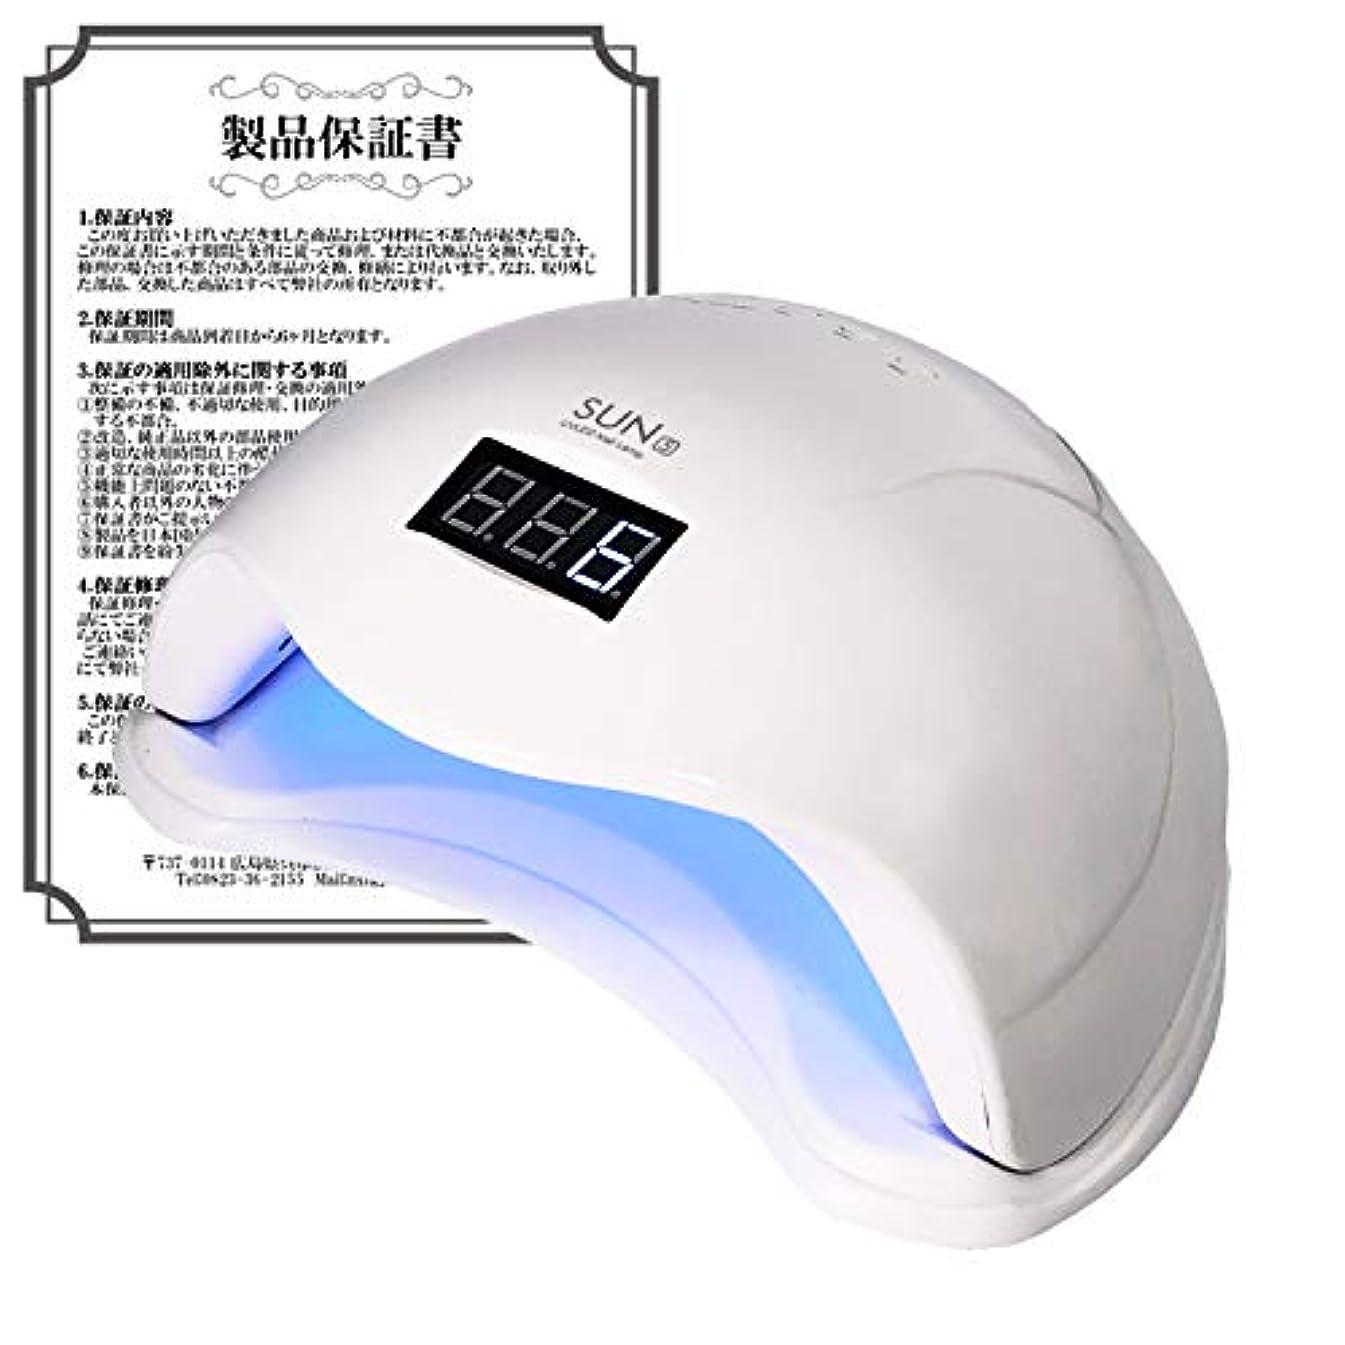 赤ちゃんロック差し控えるLEDライト UVライト 48W 簡単センサー付 低ヒート機能で安心 安心6ヶ月保証AQUA NAIL(ホワイト)